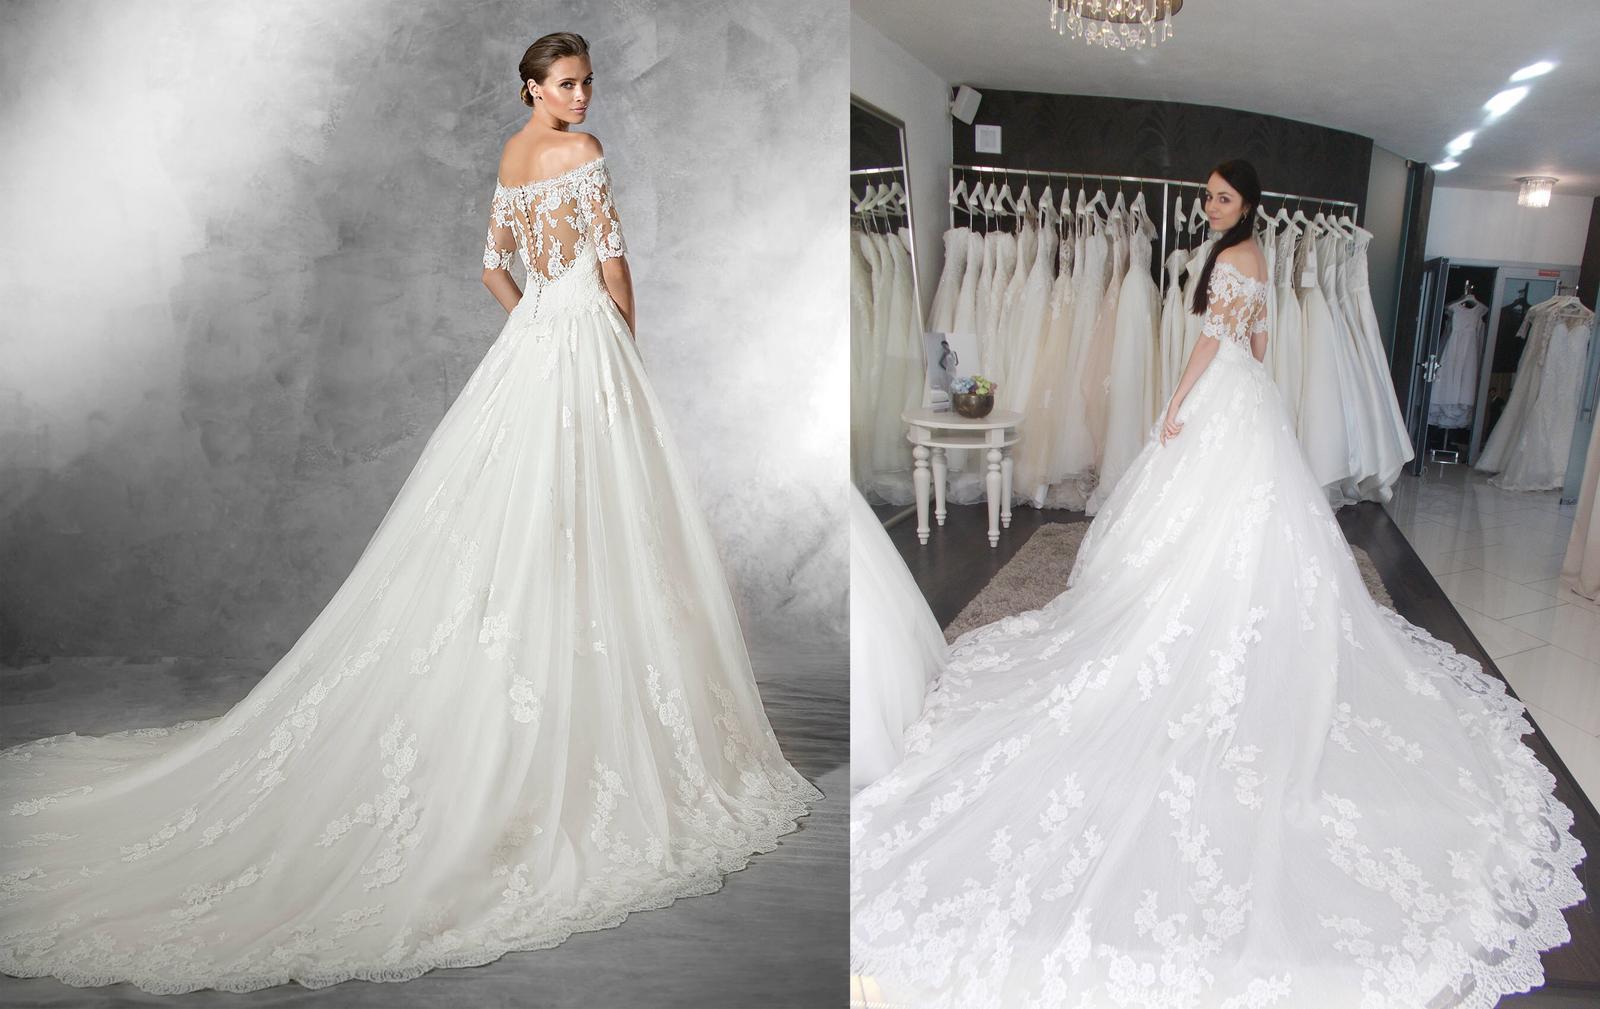 Svadobné šaty na modelke a na reálnej neveste - Nevesta @michaela300917 a jej svadobné šaty Pronovias Pleasant zo salónu Nicole v Nitre.